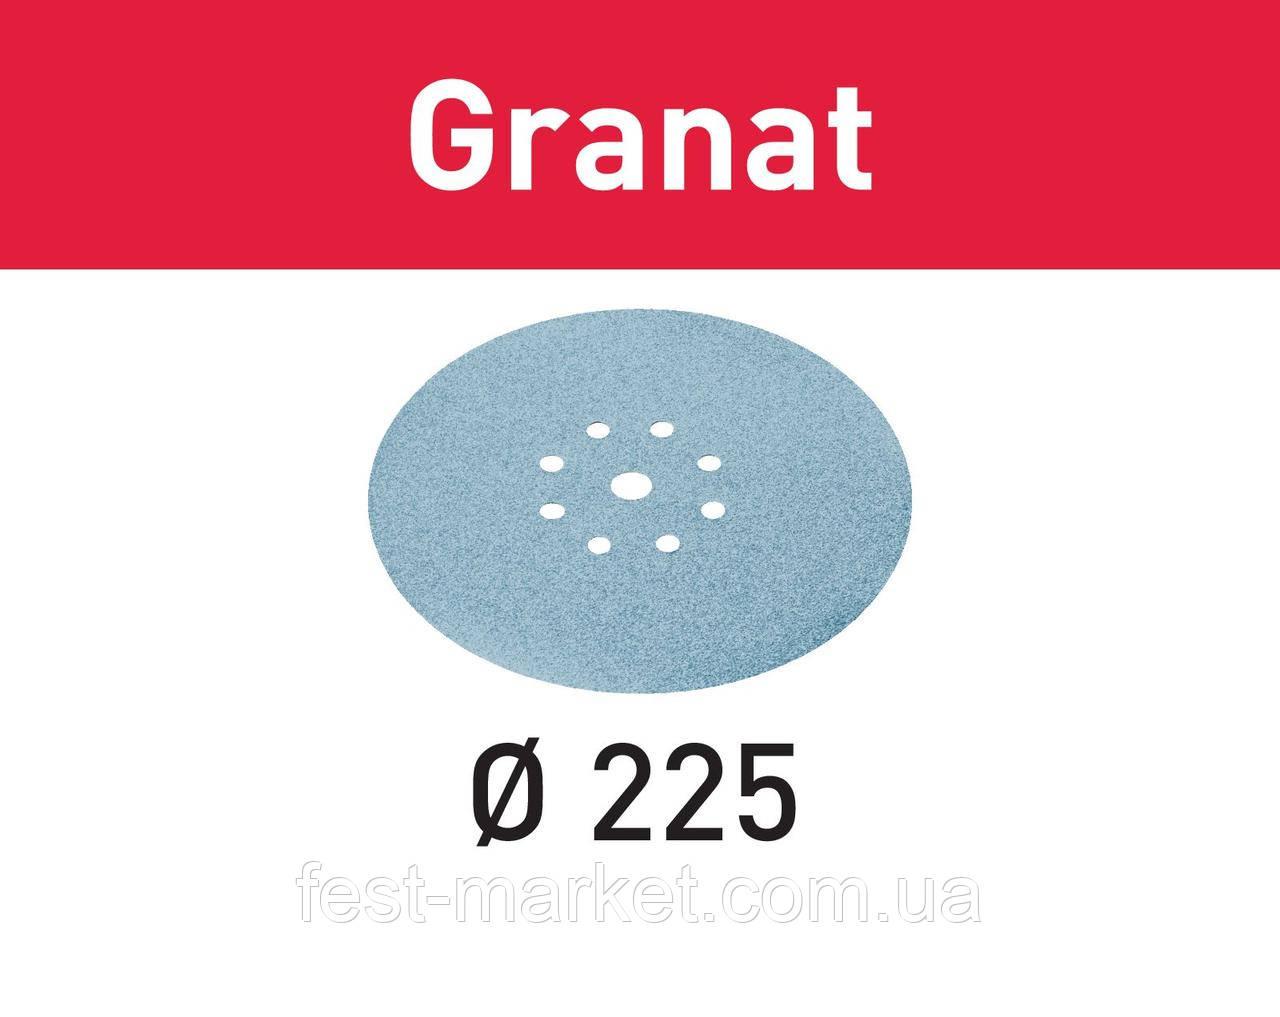 Шлифовальные круги Granat STF D225/8 P240 GR/25 Festool 499642